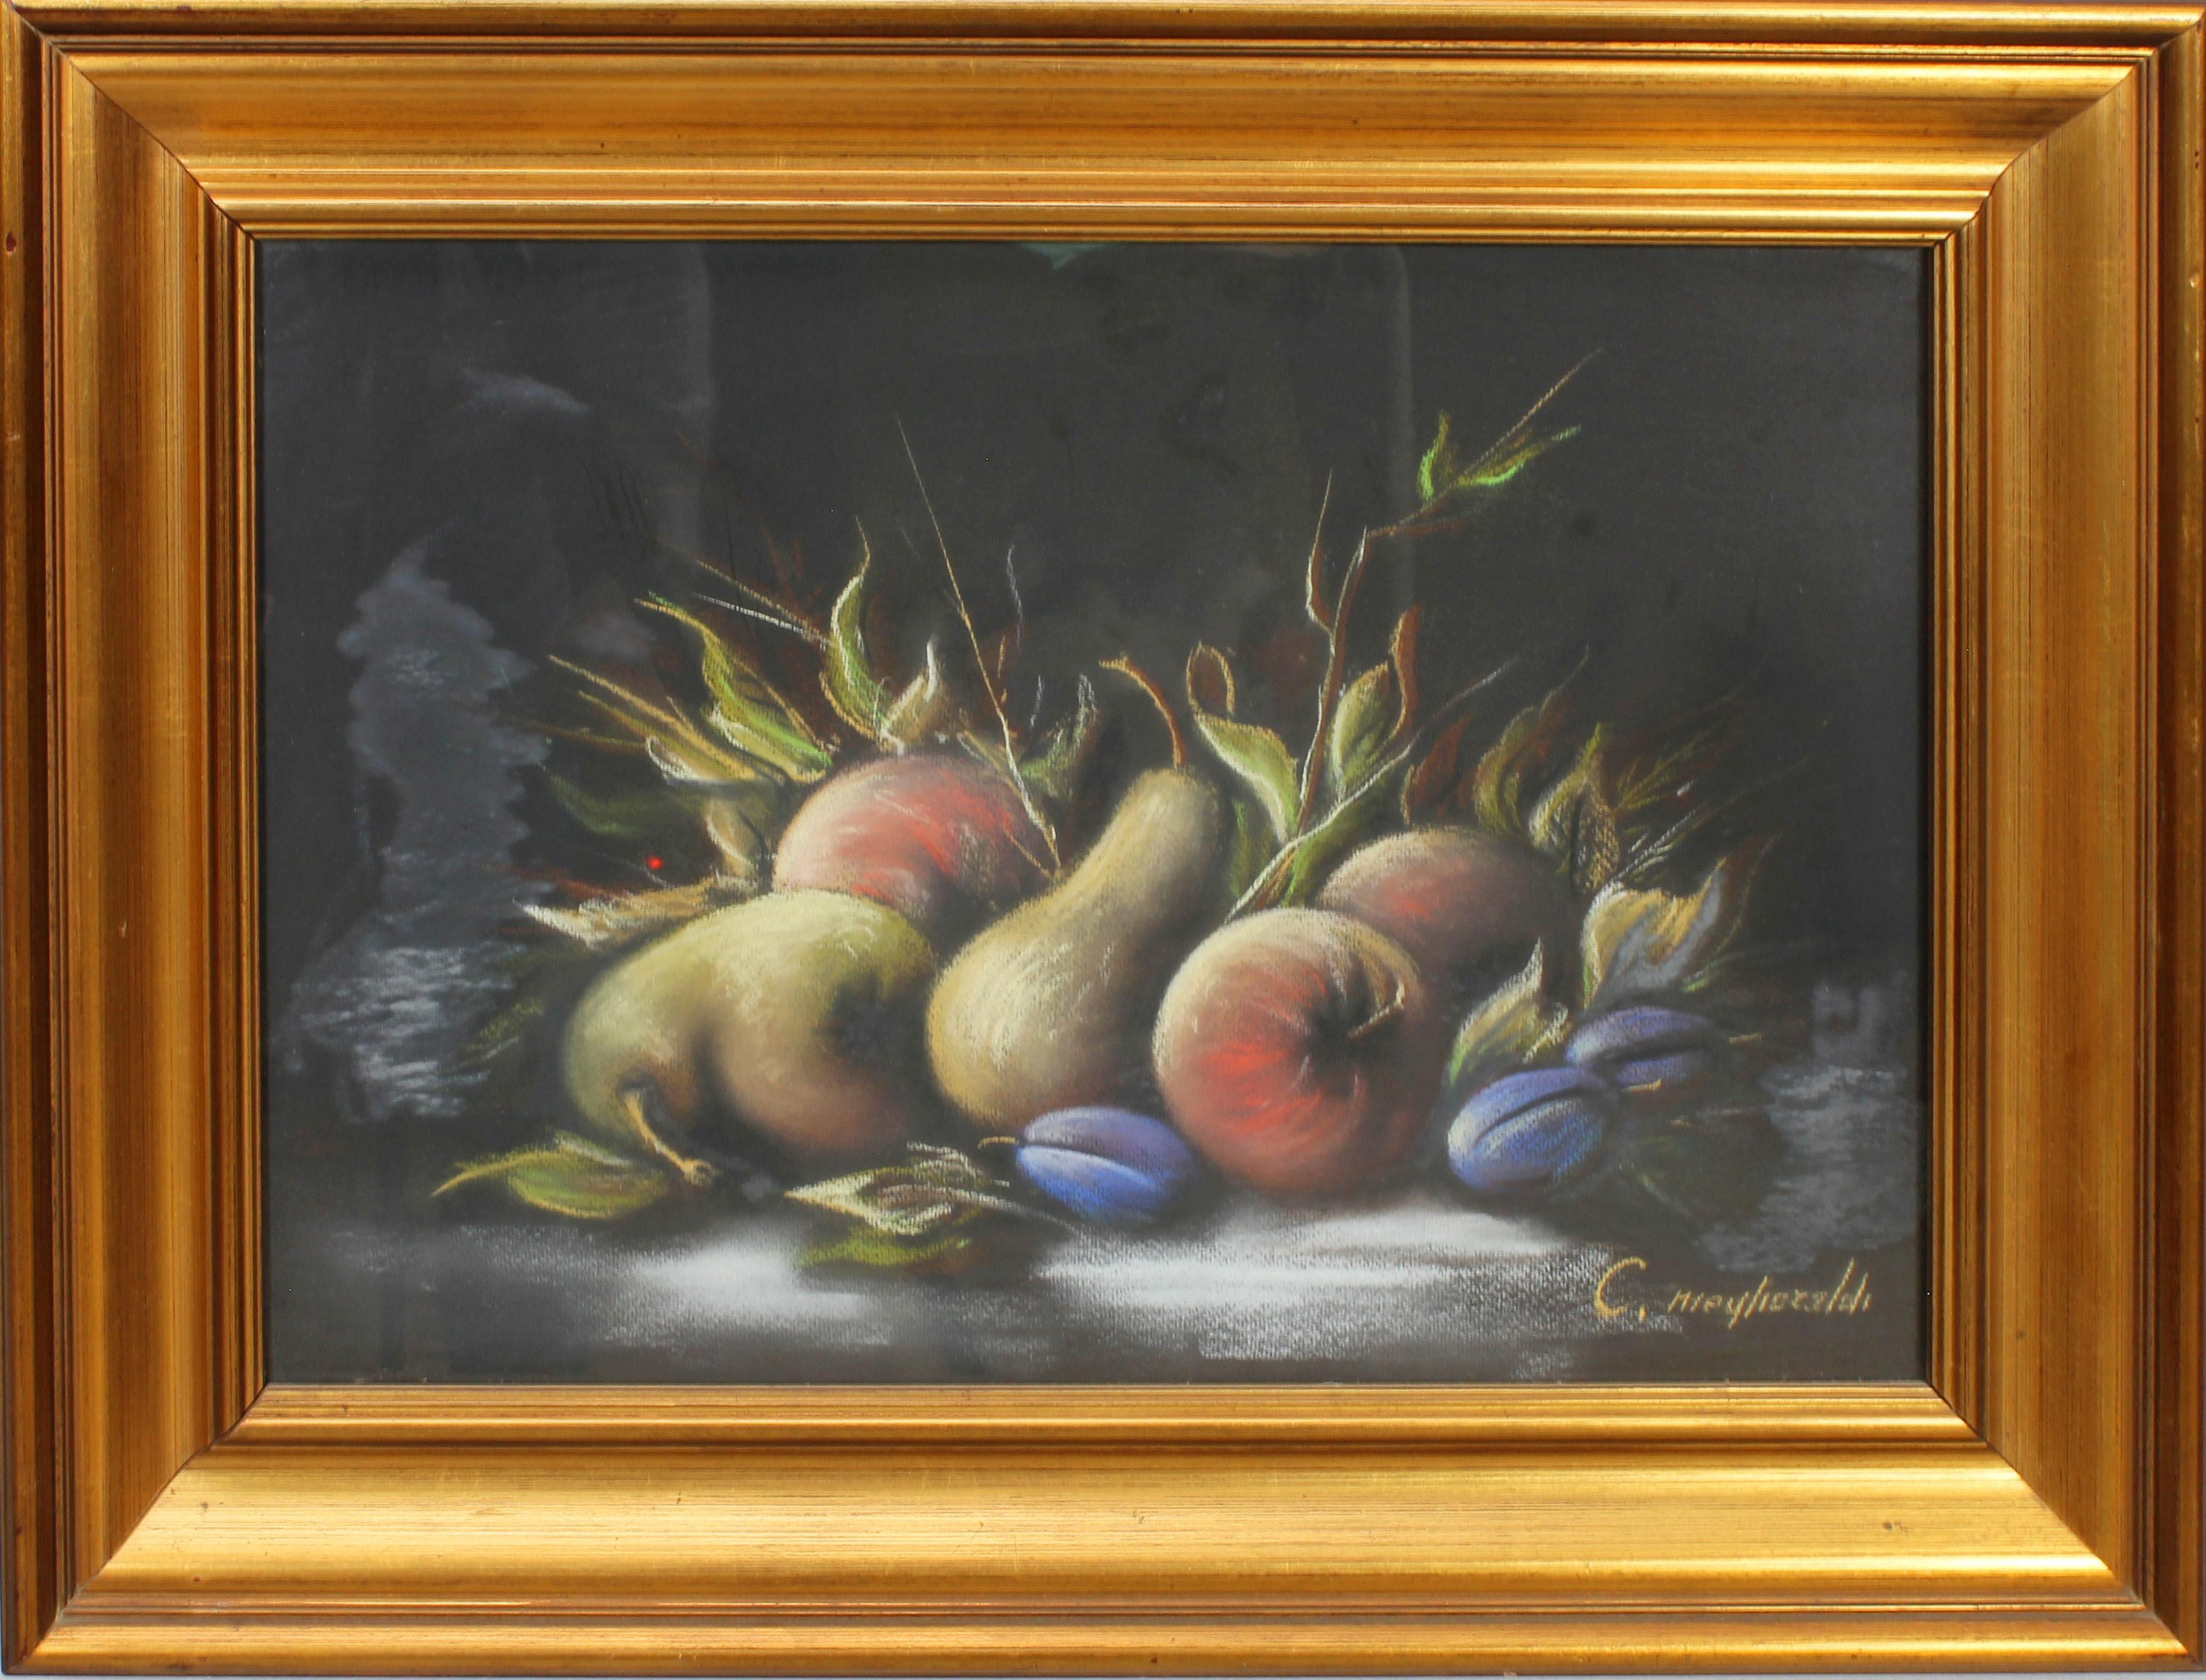 Lot 43 - Natura morta con frutta a firma C. Mieglioraldi?, tecnica mista, cm. 46x32